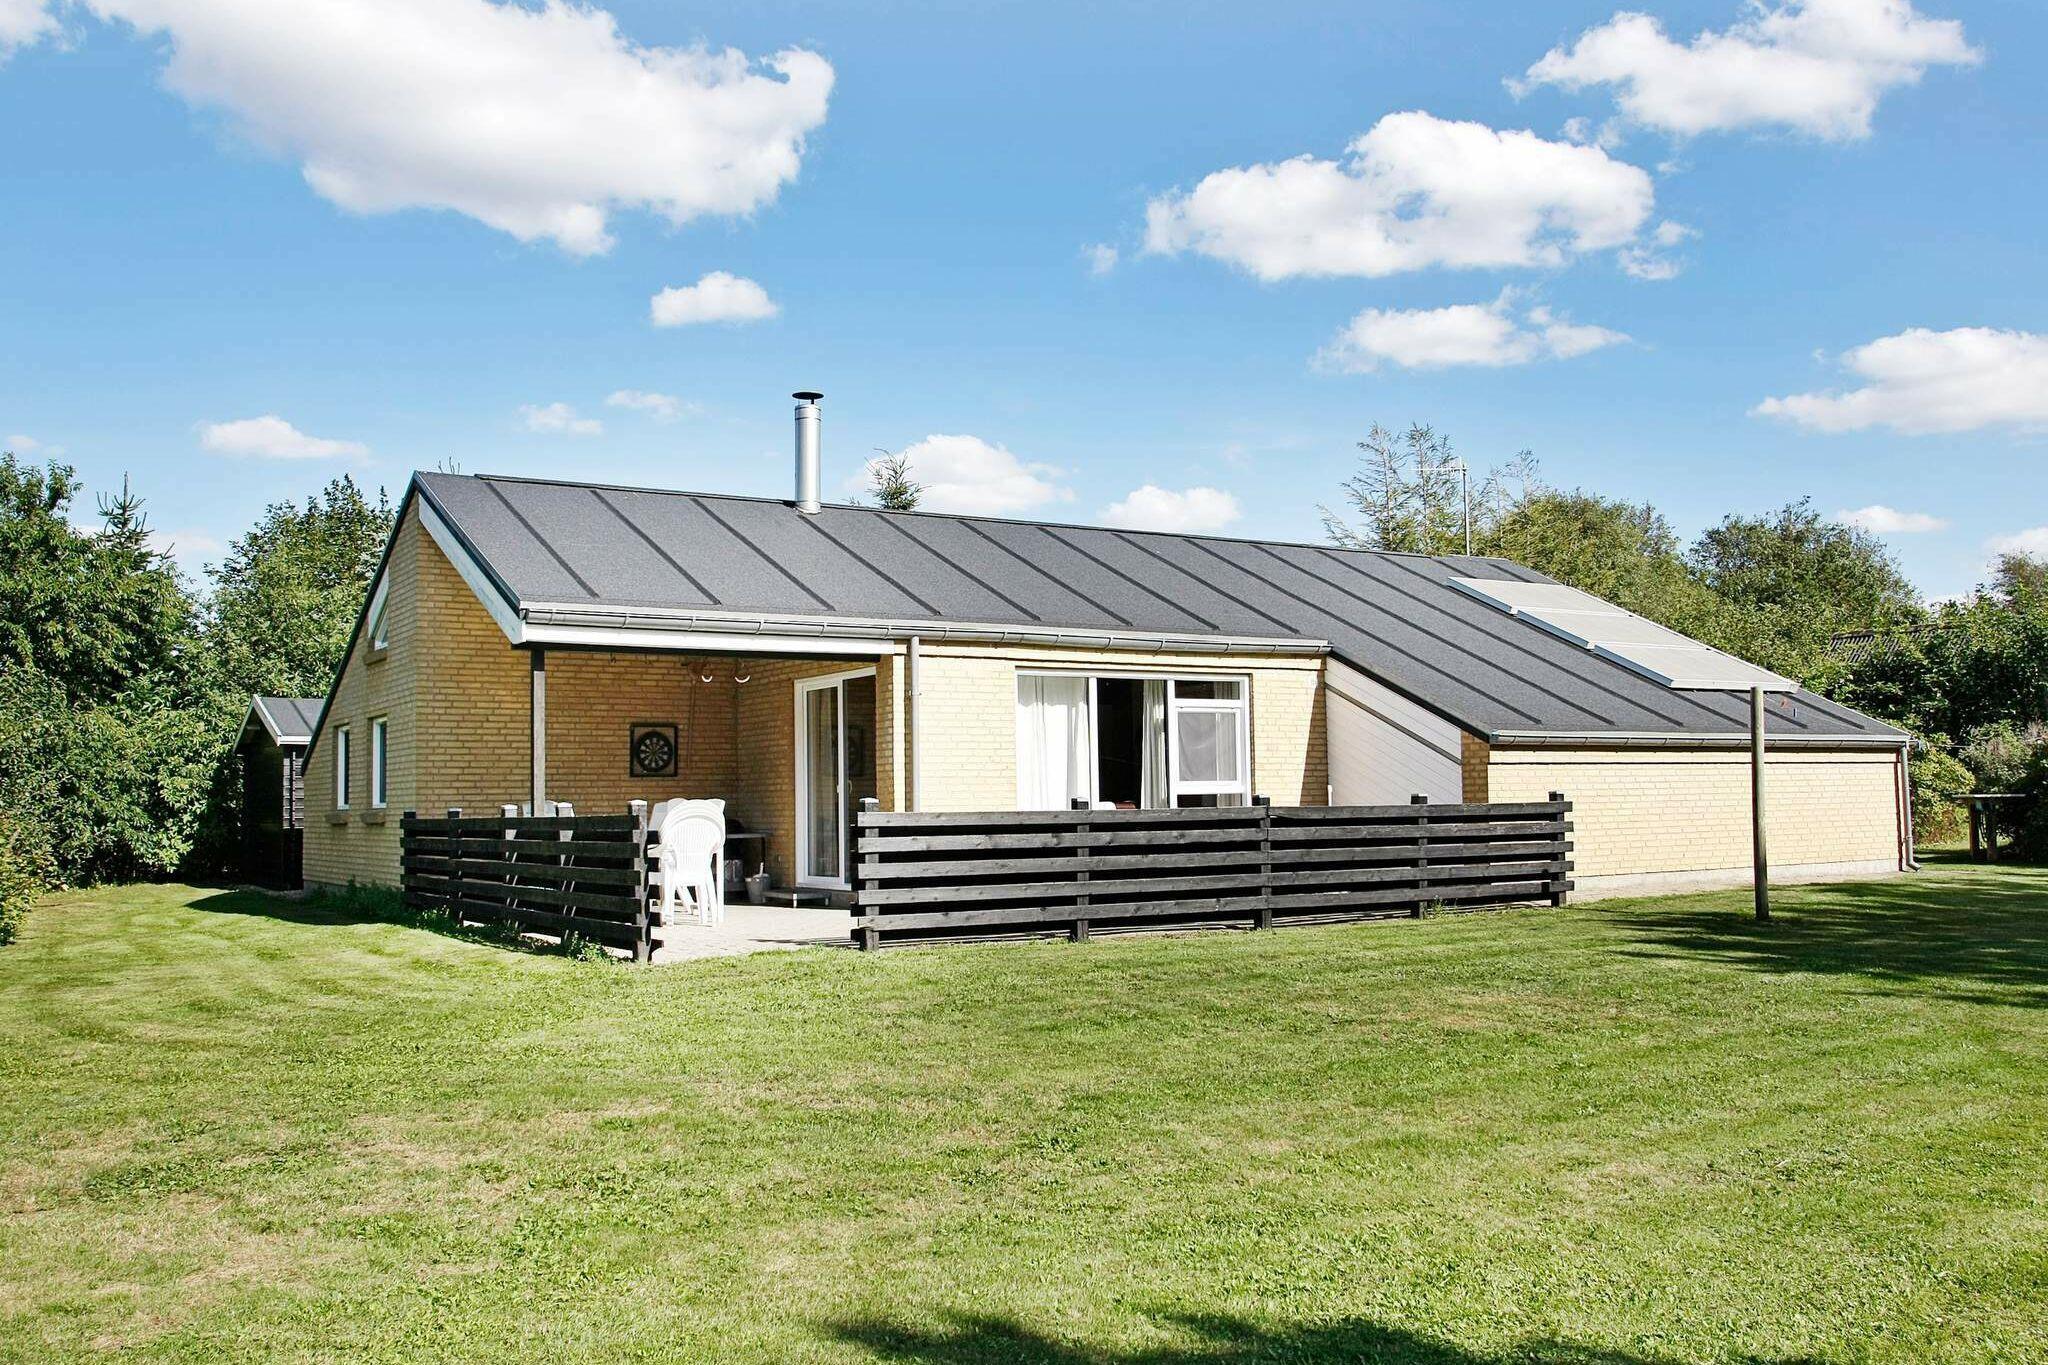 Ferienhaus in Spöttrup für 12 Personen